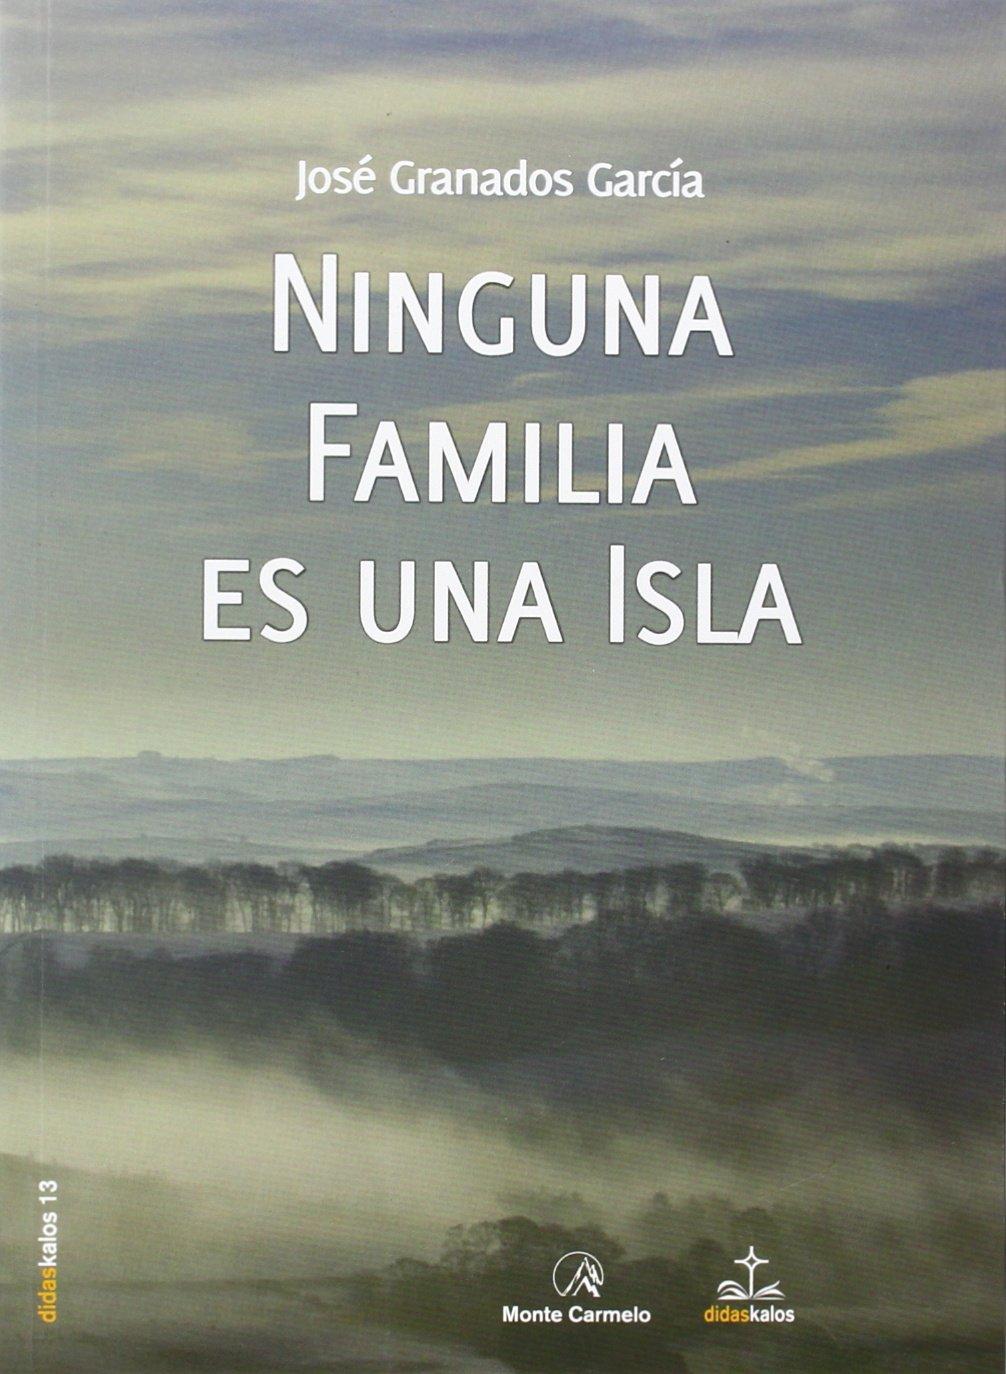 Ninguna familia es una isla (Didaskalos): Amazon.es: José Granados García: Libros